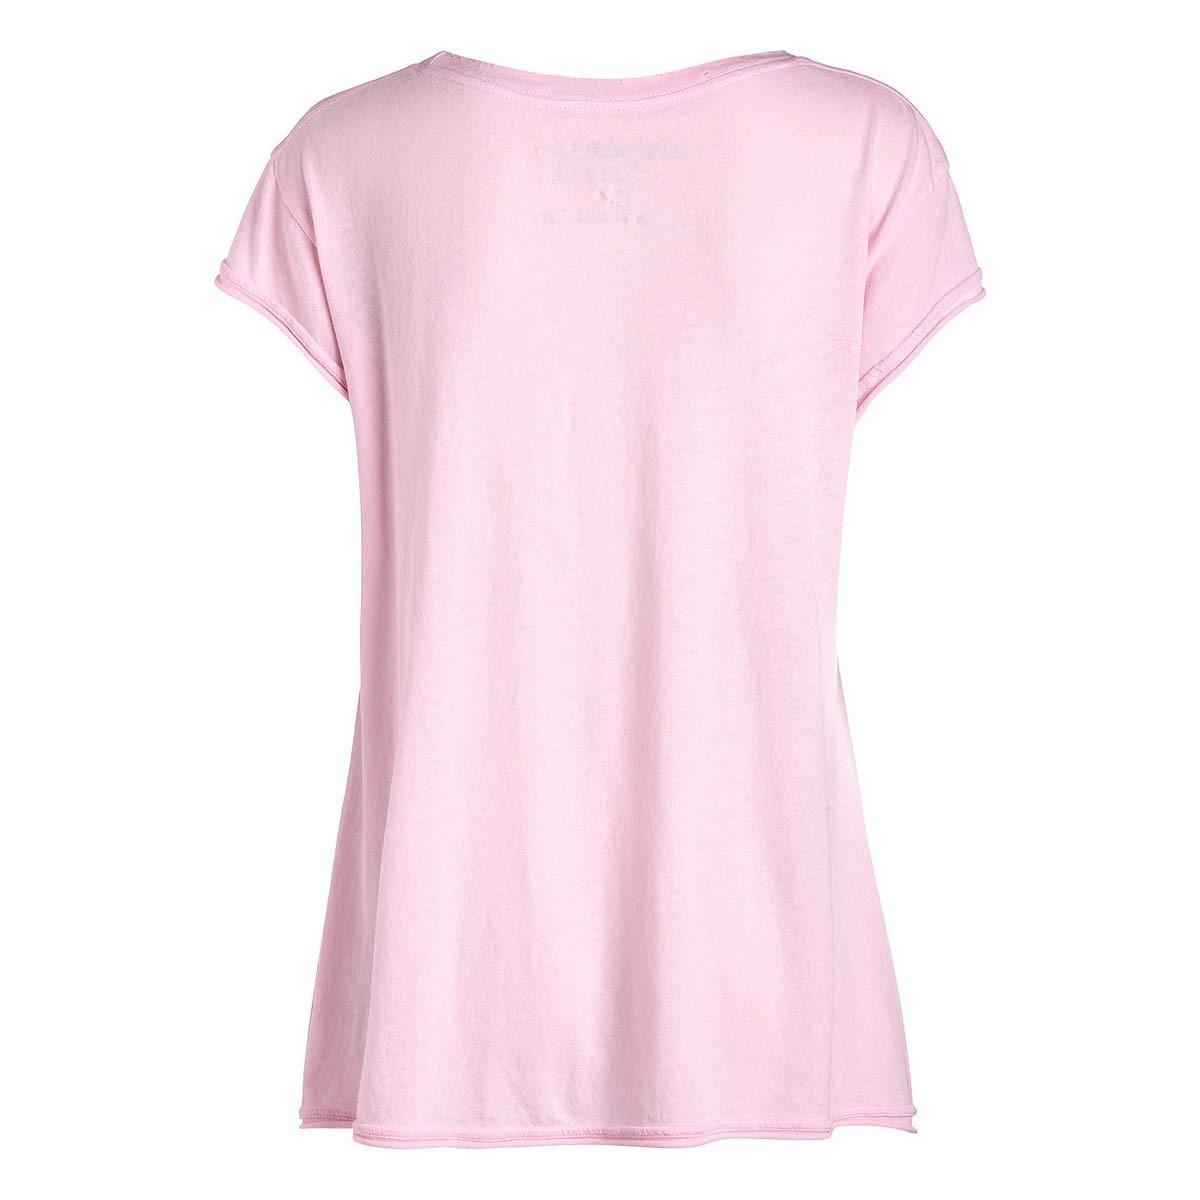 rockstars angels tiger t shirt angels cut rosa damen women t shirts. Black Bedroom Furniture Sets. Home Design Ideas